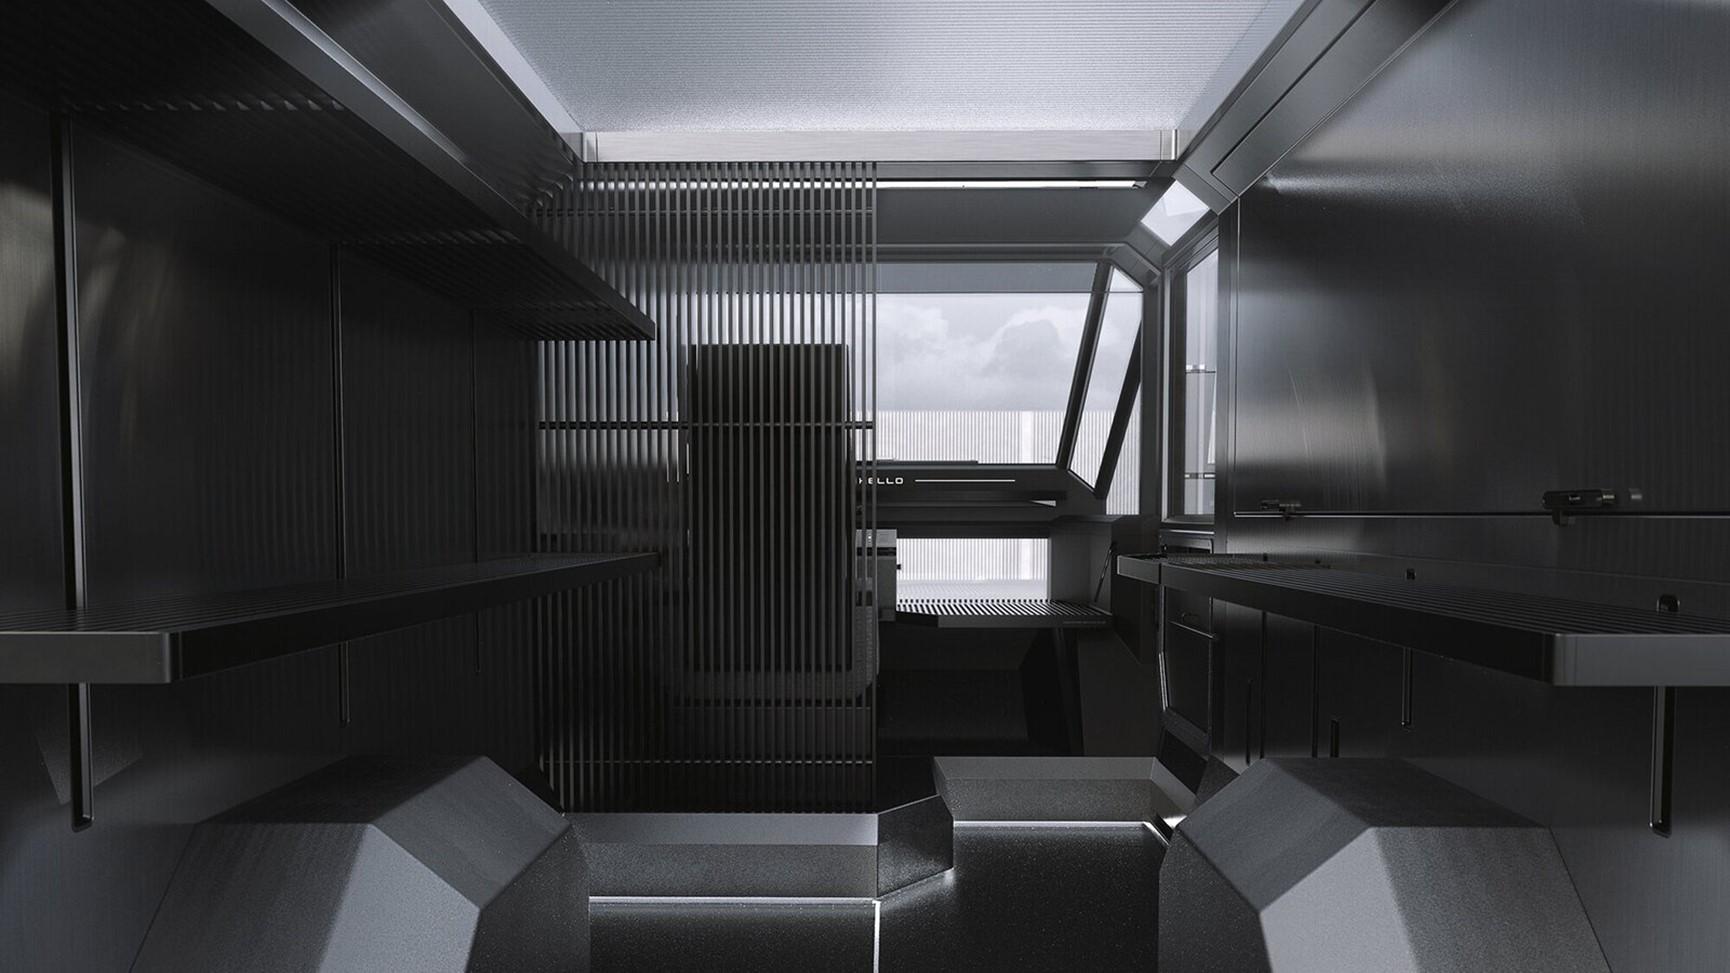 Το εσωτερικό του οχήματος